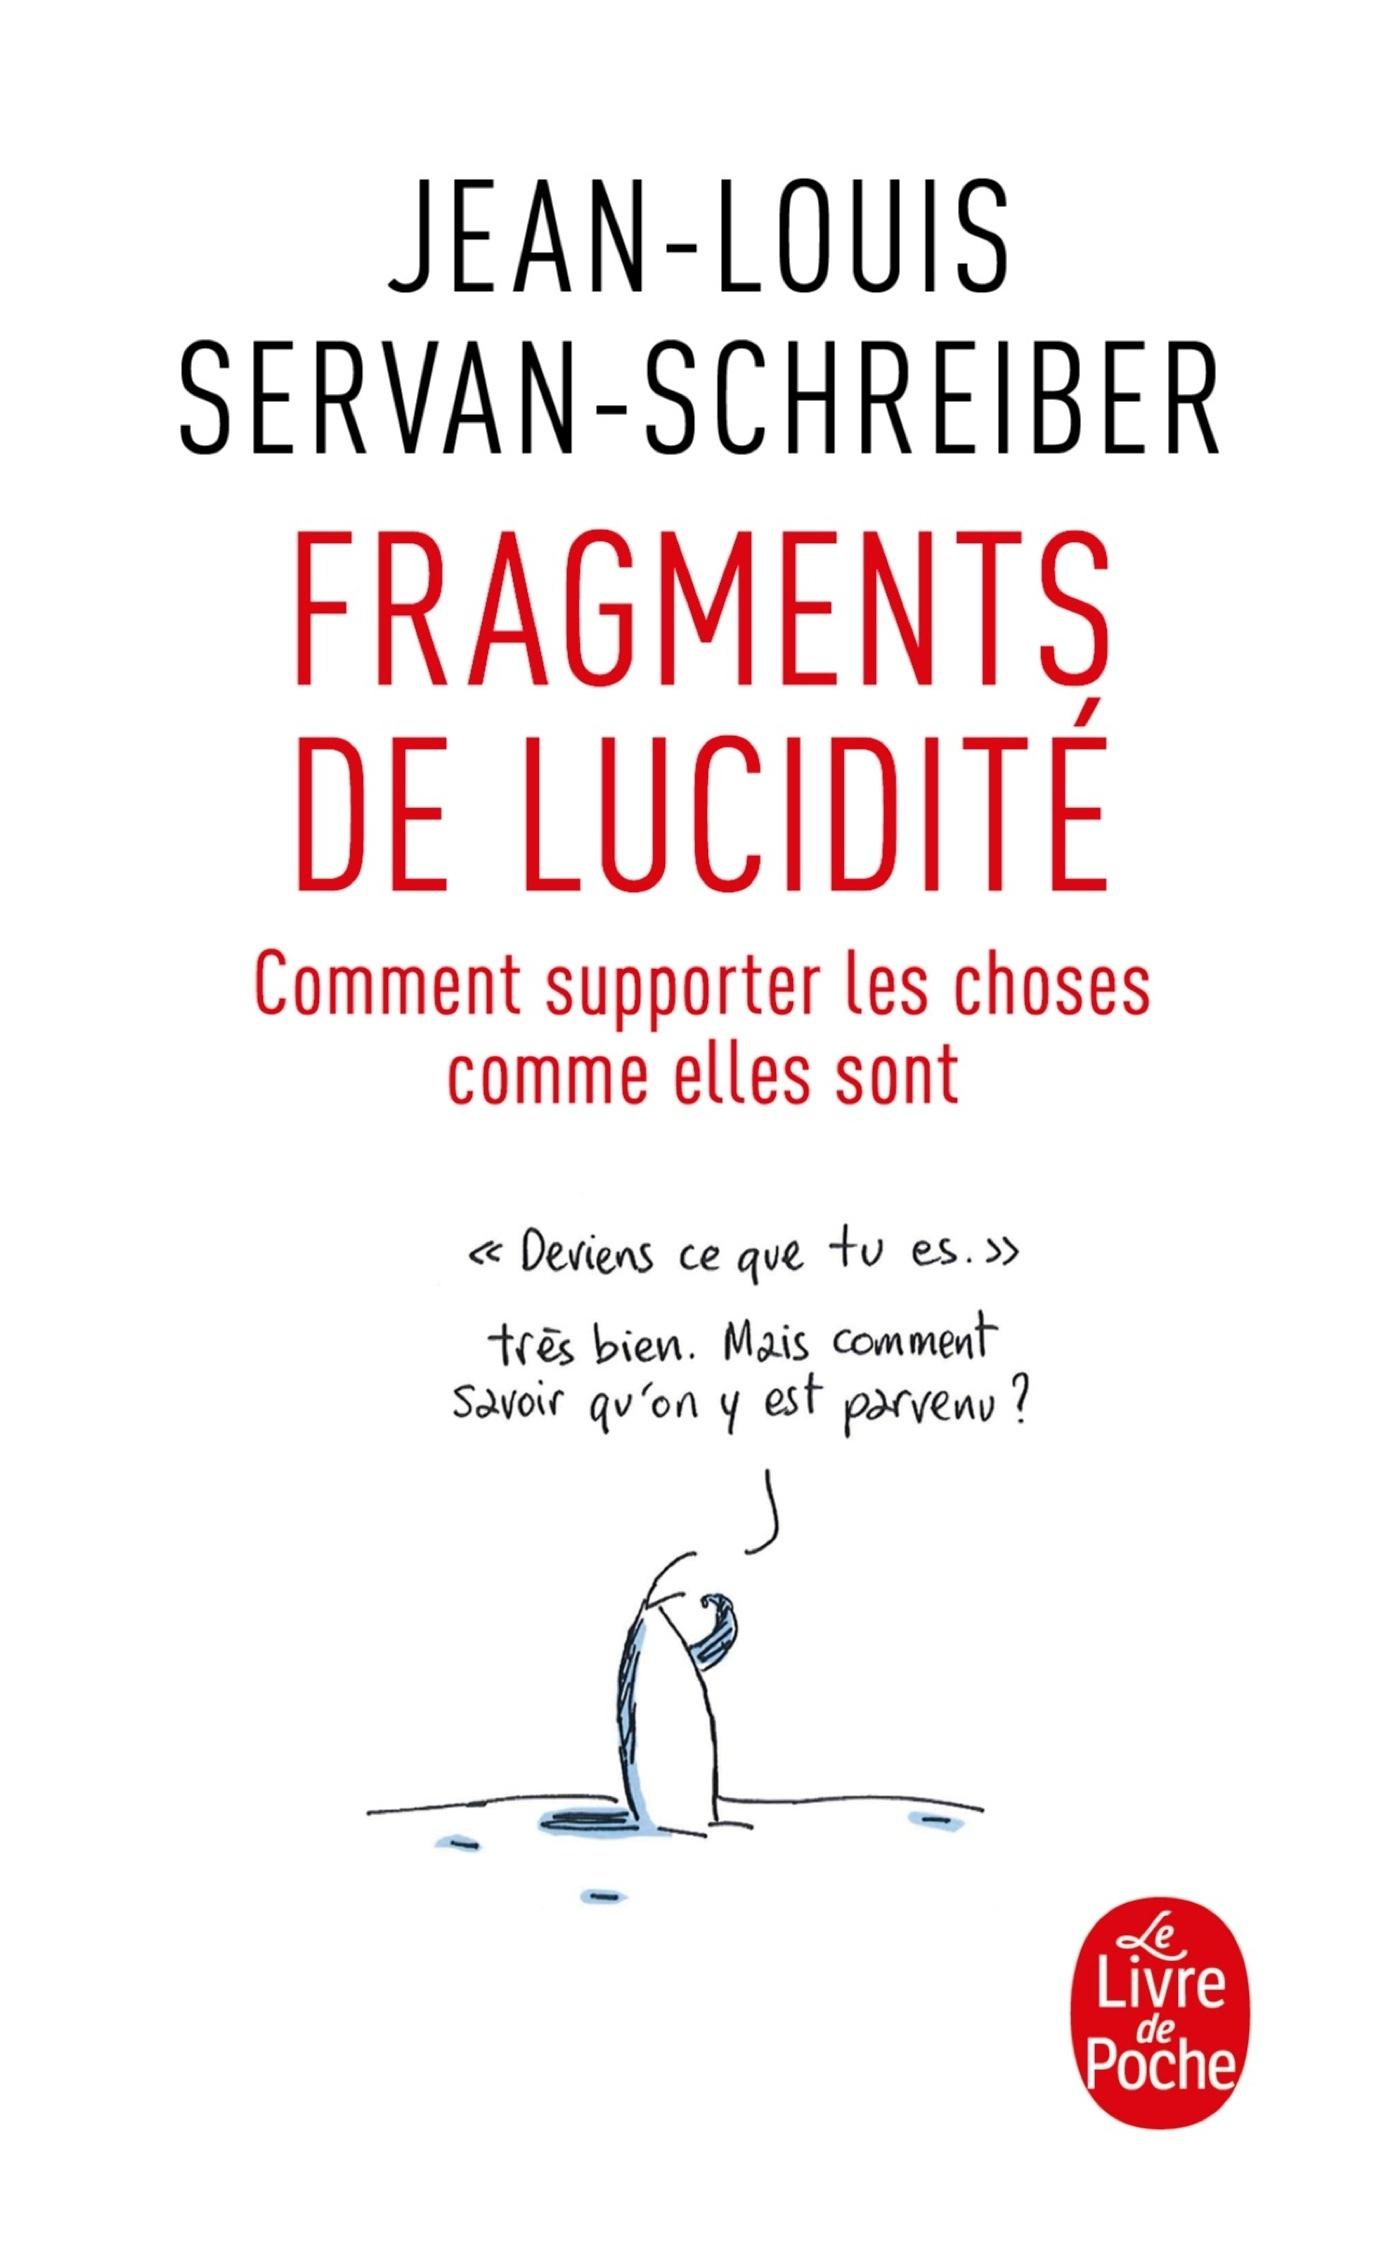 FRAGMENTS DE LUCIDITE